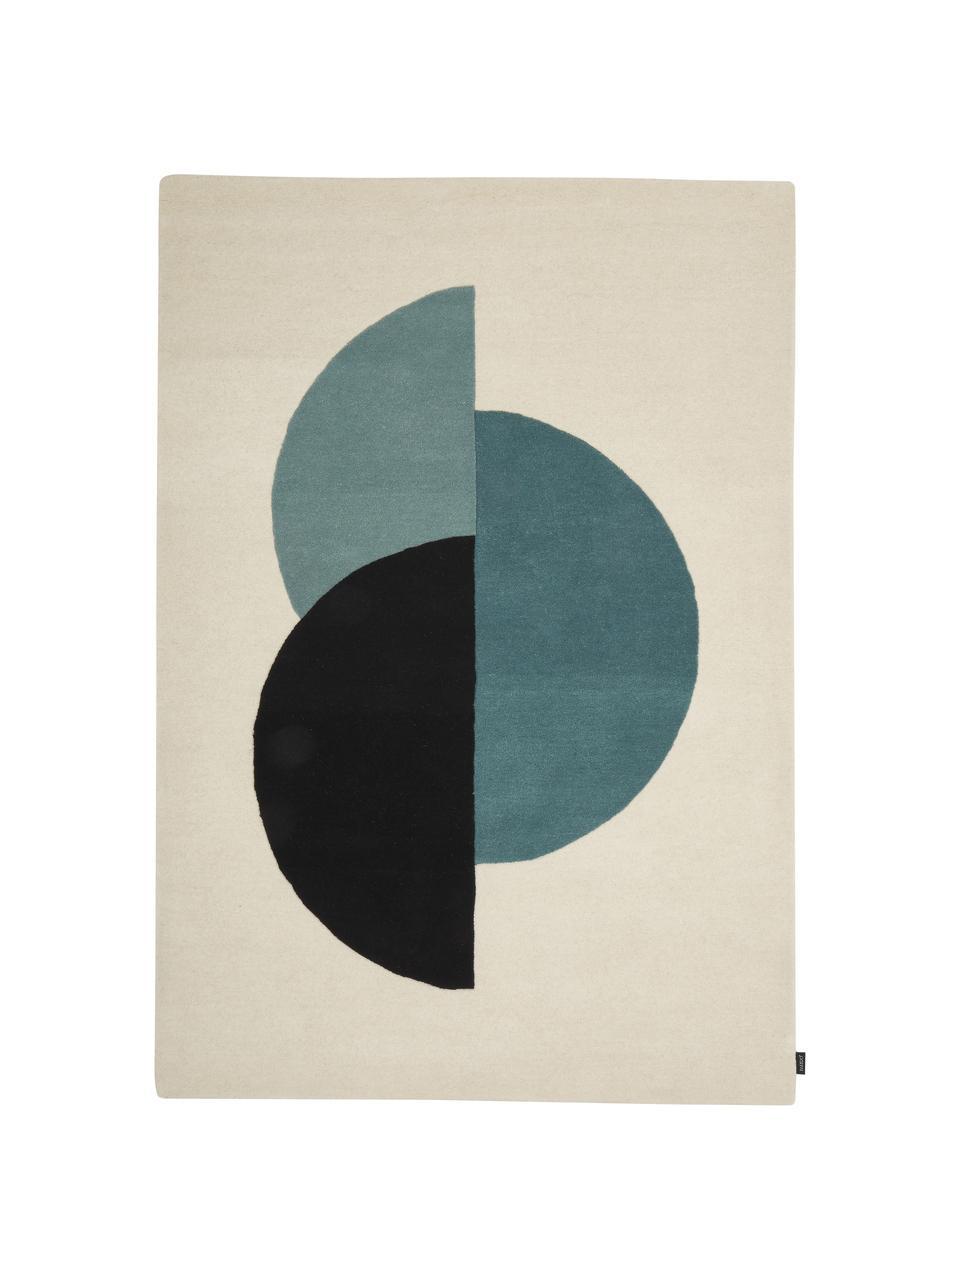 Handgetufteter Wollteppich Zenia in Beige/Blau mit abstraktem Muster, 100% Wolle, Cremefarben, Blau, Schwarz, B 170 x L 240 cm (Größe M)